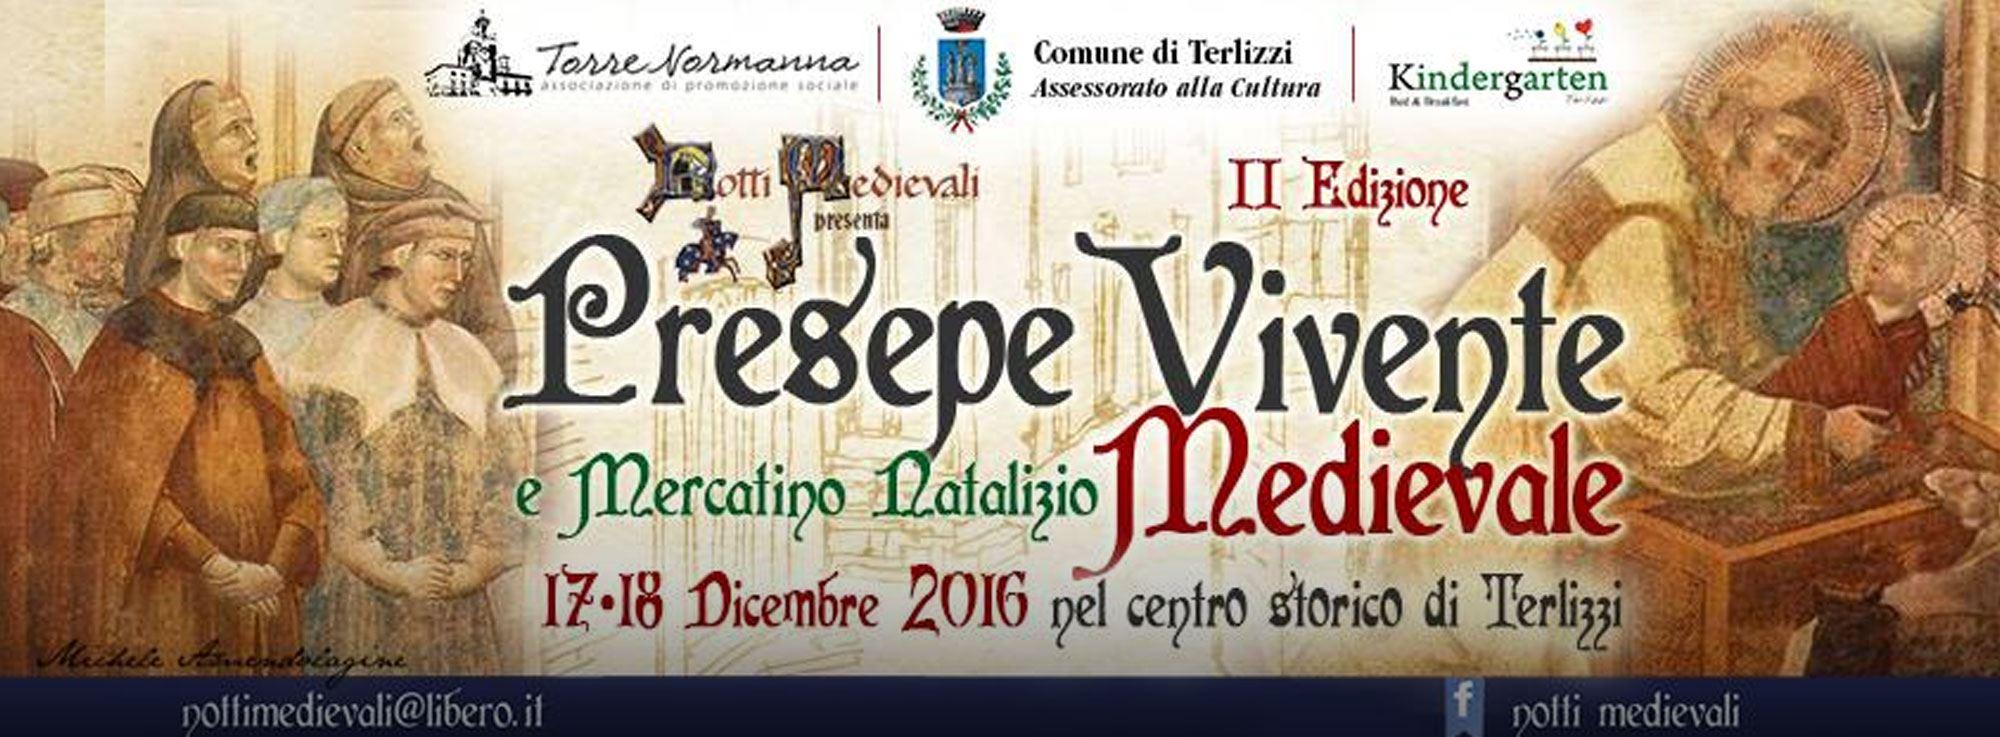 Terlizzi: Presepe Vivente Medievale